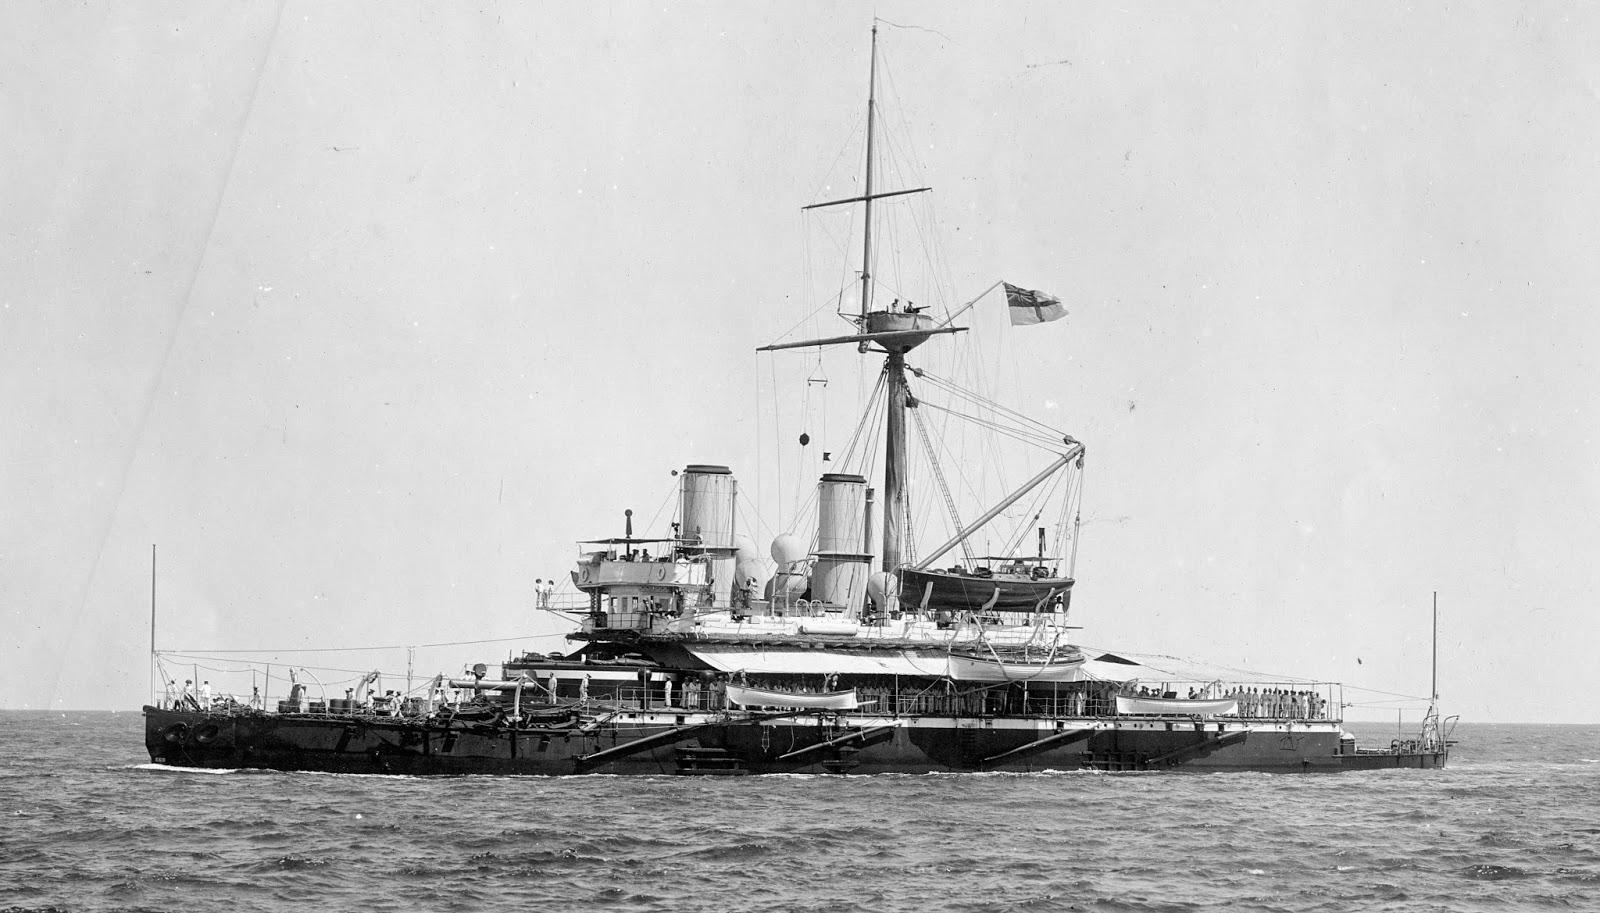 Pioneering battleship HMS